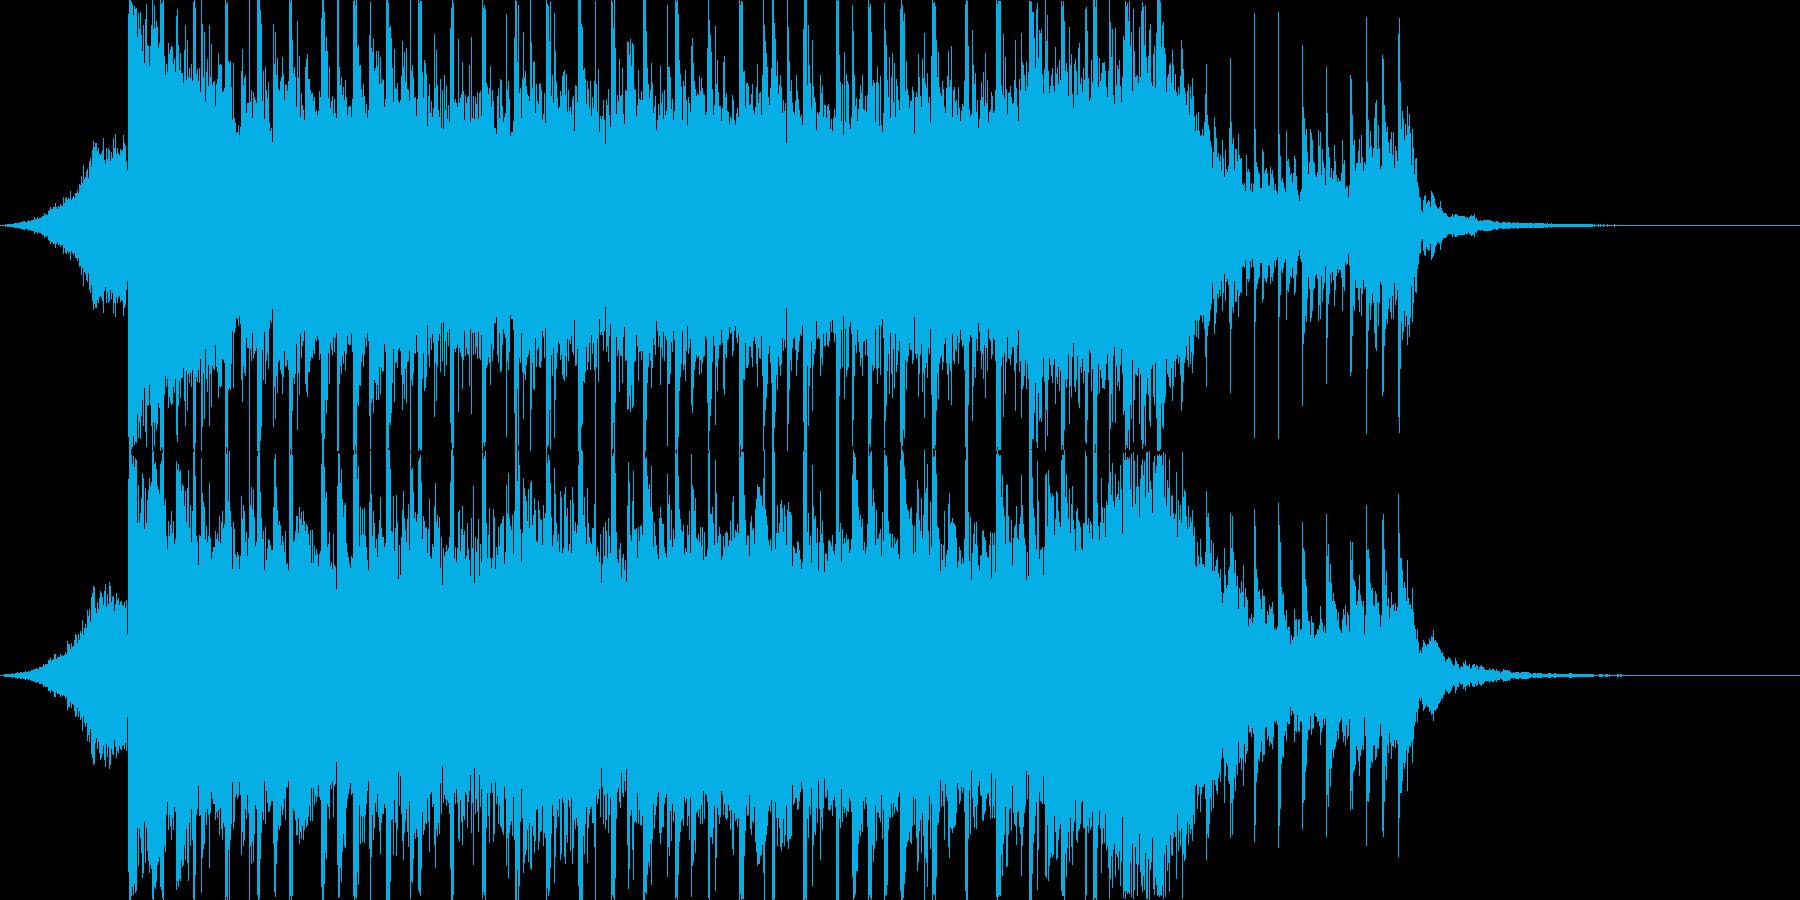 企業VP向け、爽やかポップ4つ打ち15cの再生済みの波形